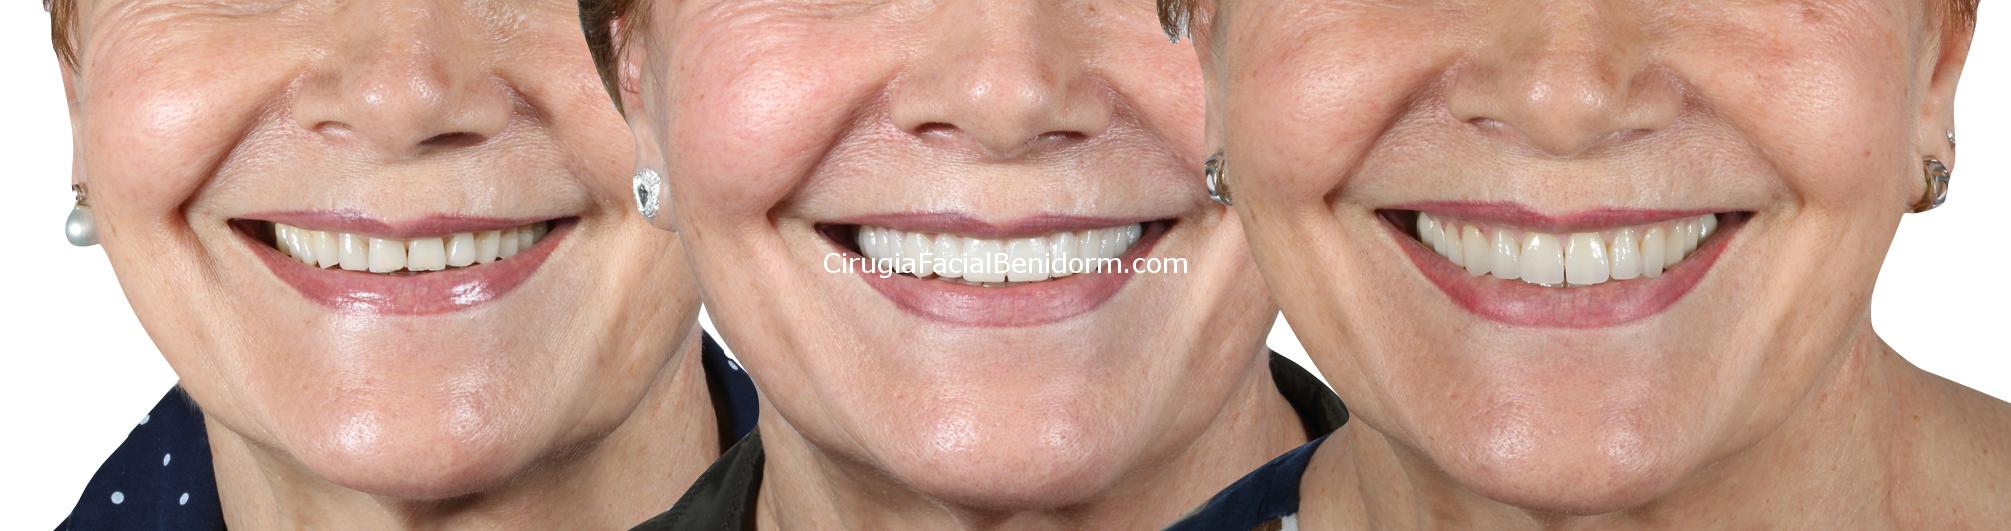 Estética Dental dientes desgastados